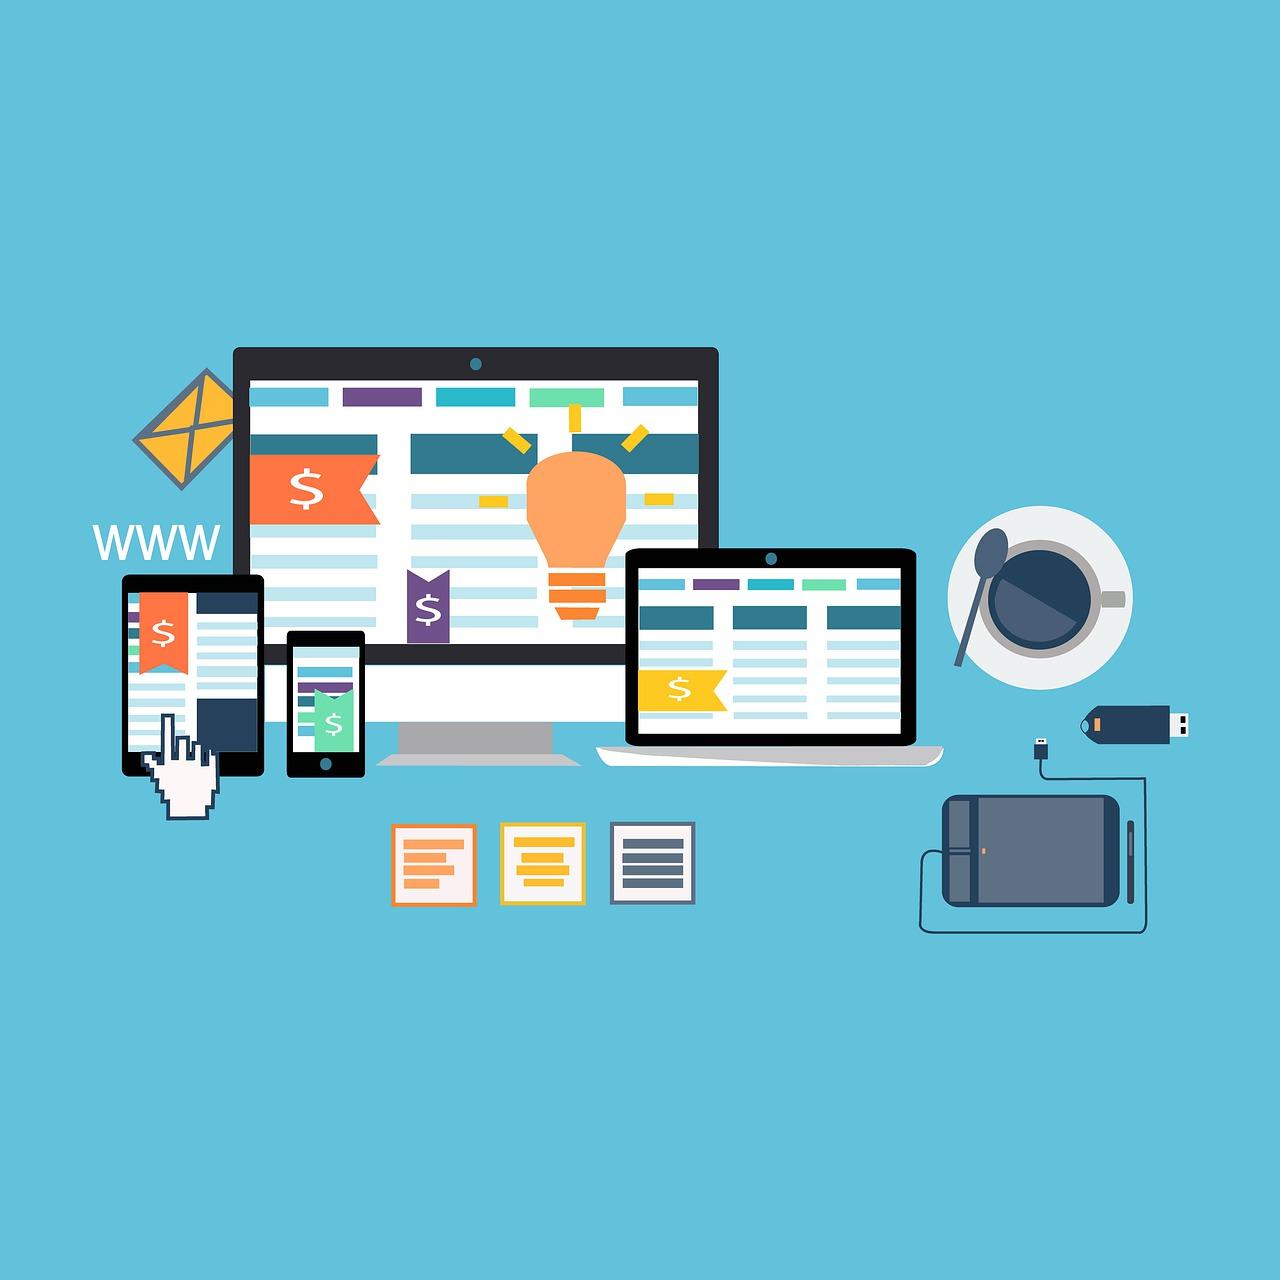 23 совета по SEO для веб-дизайнеров